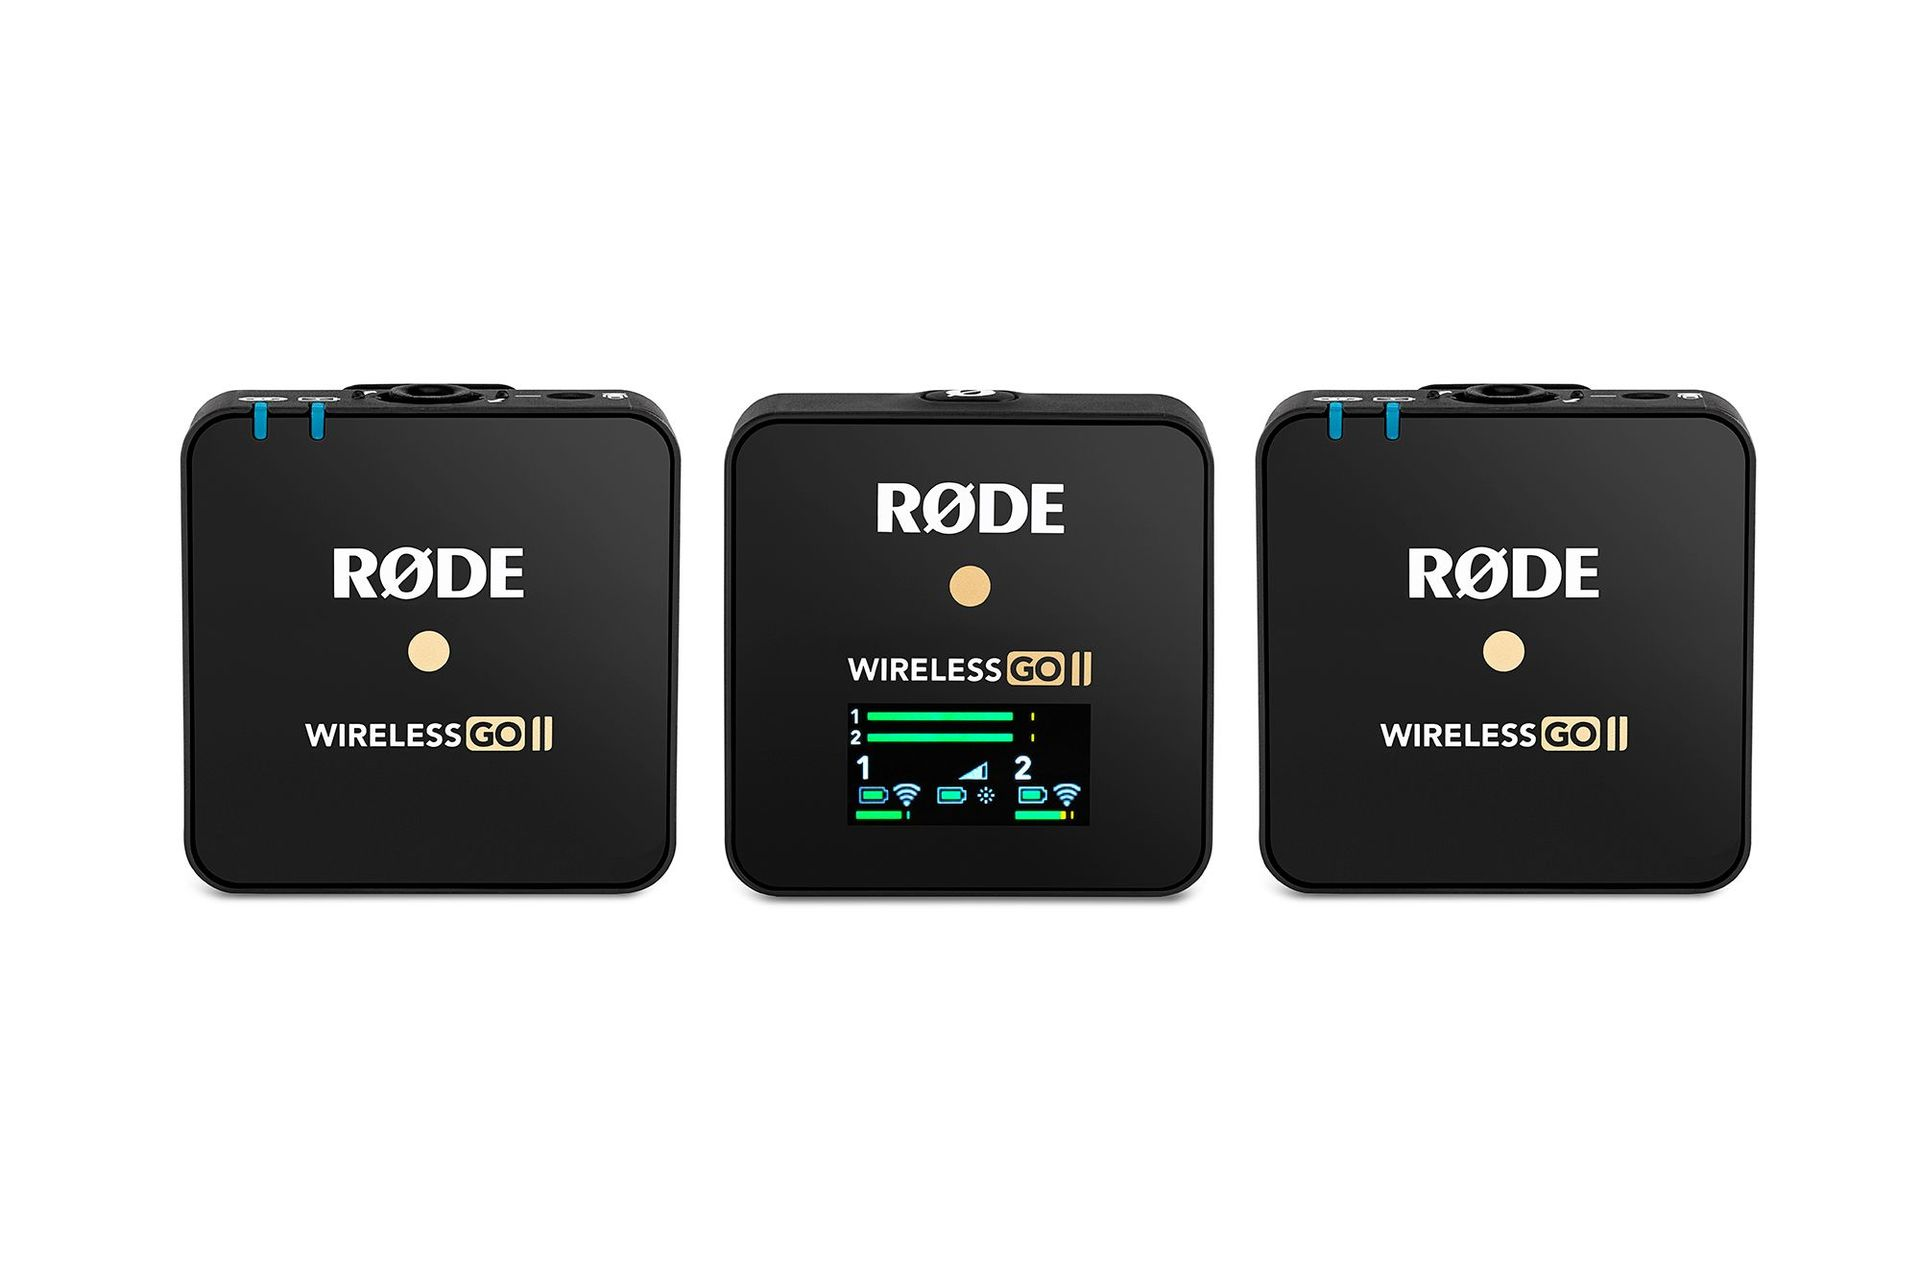 Rode Wireless GO ll Digitales 2-Kanal Funk Mikrofonsystem ideal für Interviews